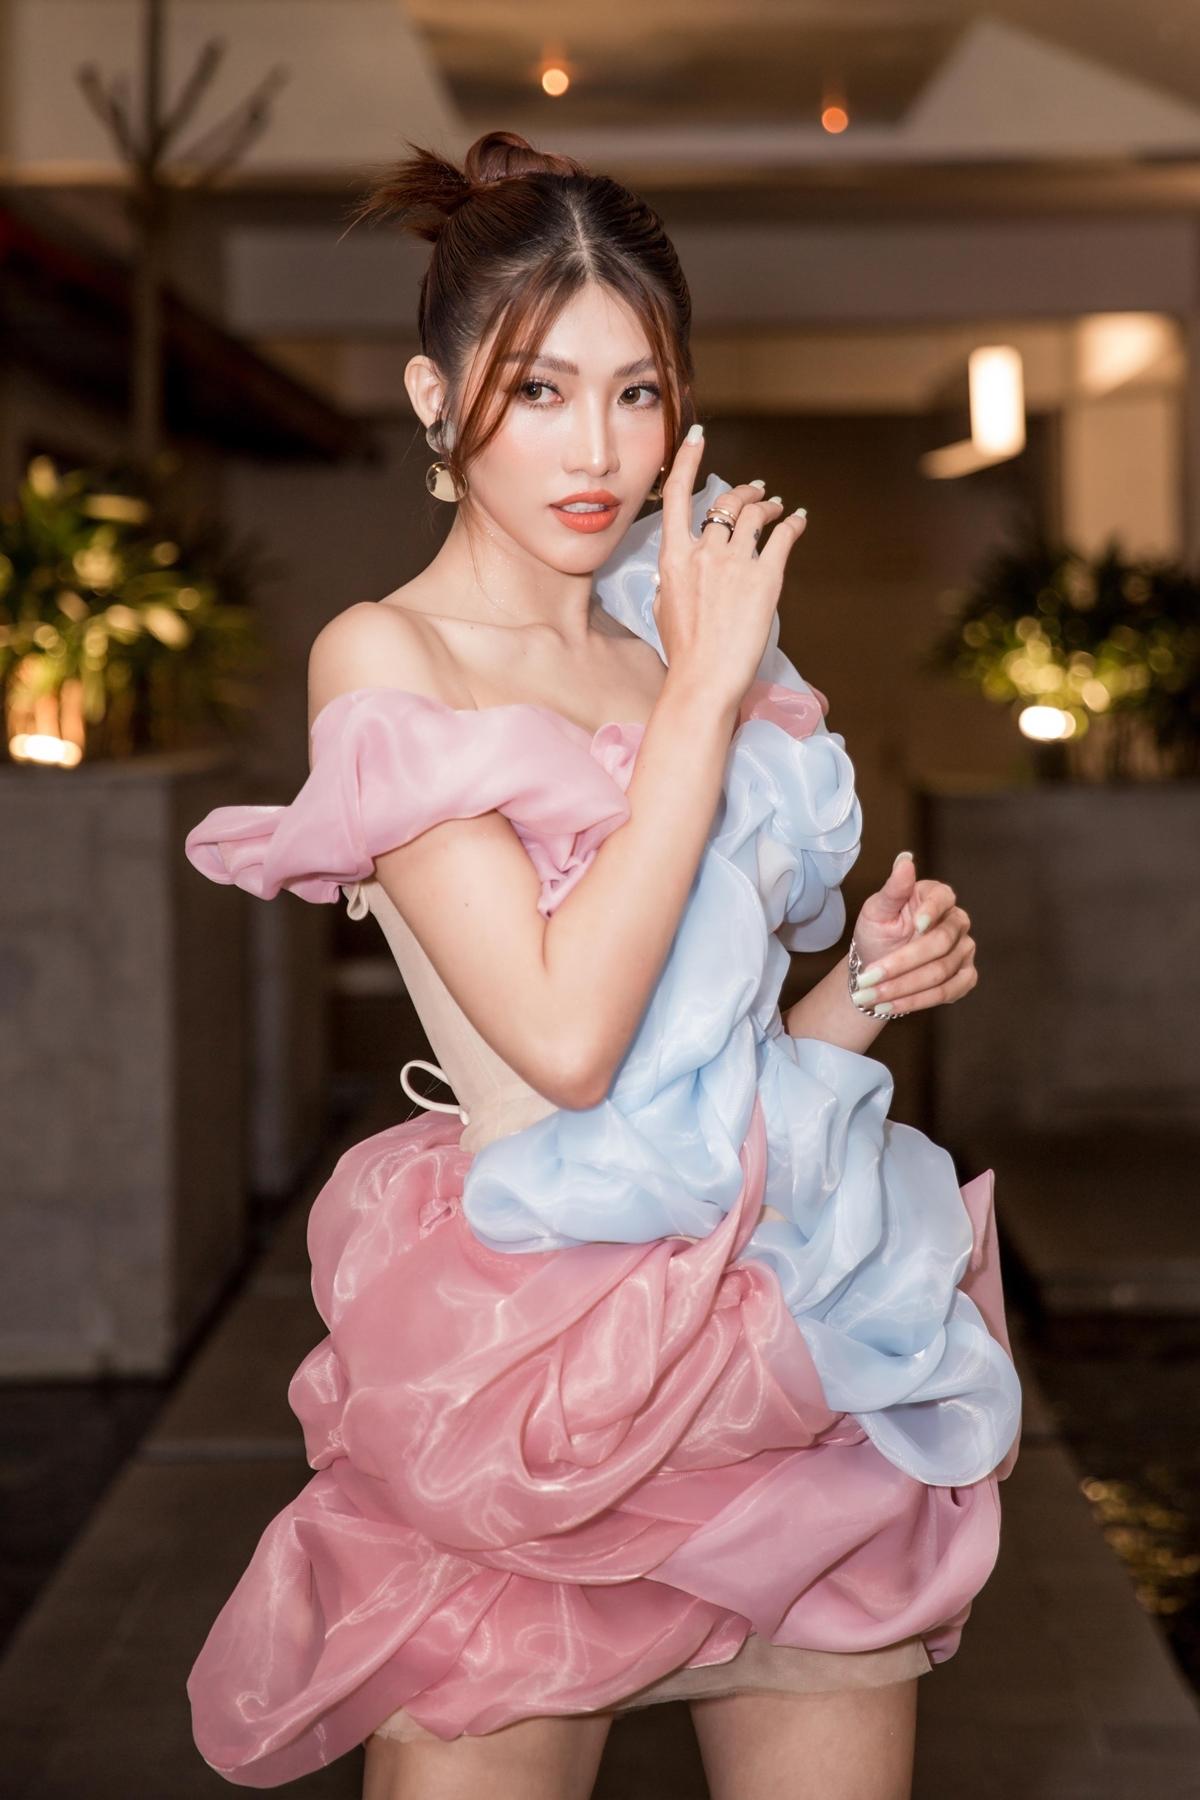 Quỳnh Châu sinh năm 1994, được biết đến khi tham gia Vietnams Next Top Model. Cô từng lọt vào top 15 của Miss Universe Vietnam 2015 và top 5 cuộc thi Hoa khôi Áo dài 2016.